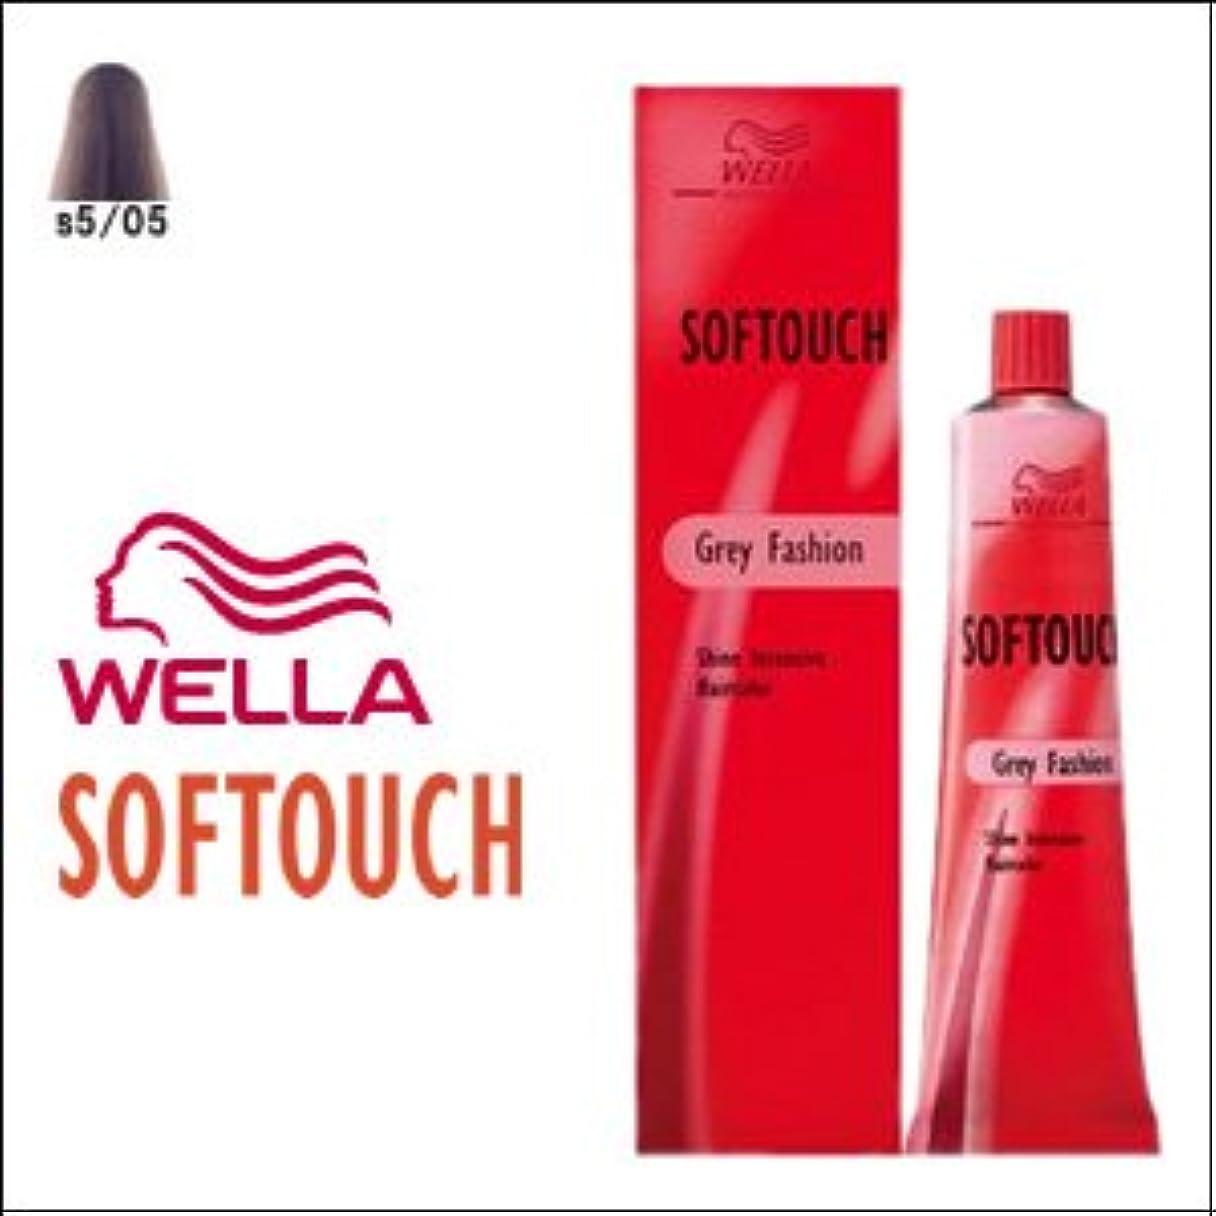 喉頭枯渇肌寒いウエラ ヘアカラー ソフタッチ S5/05 60g